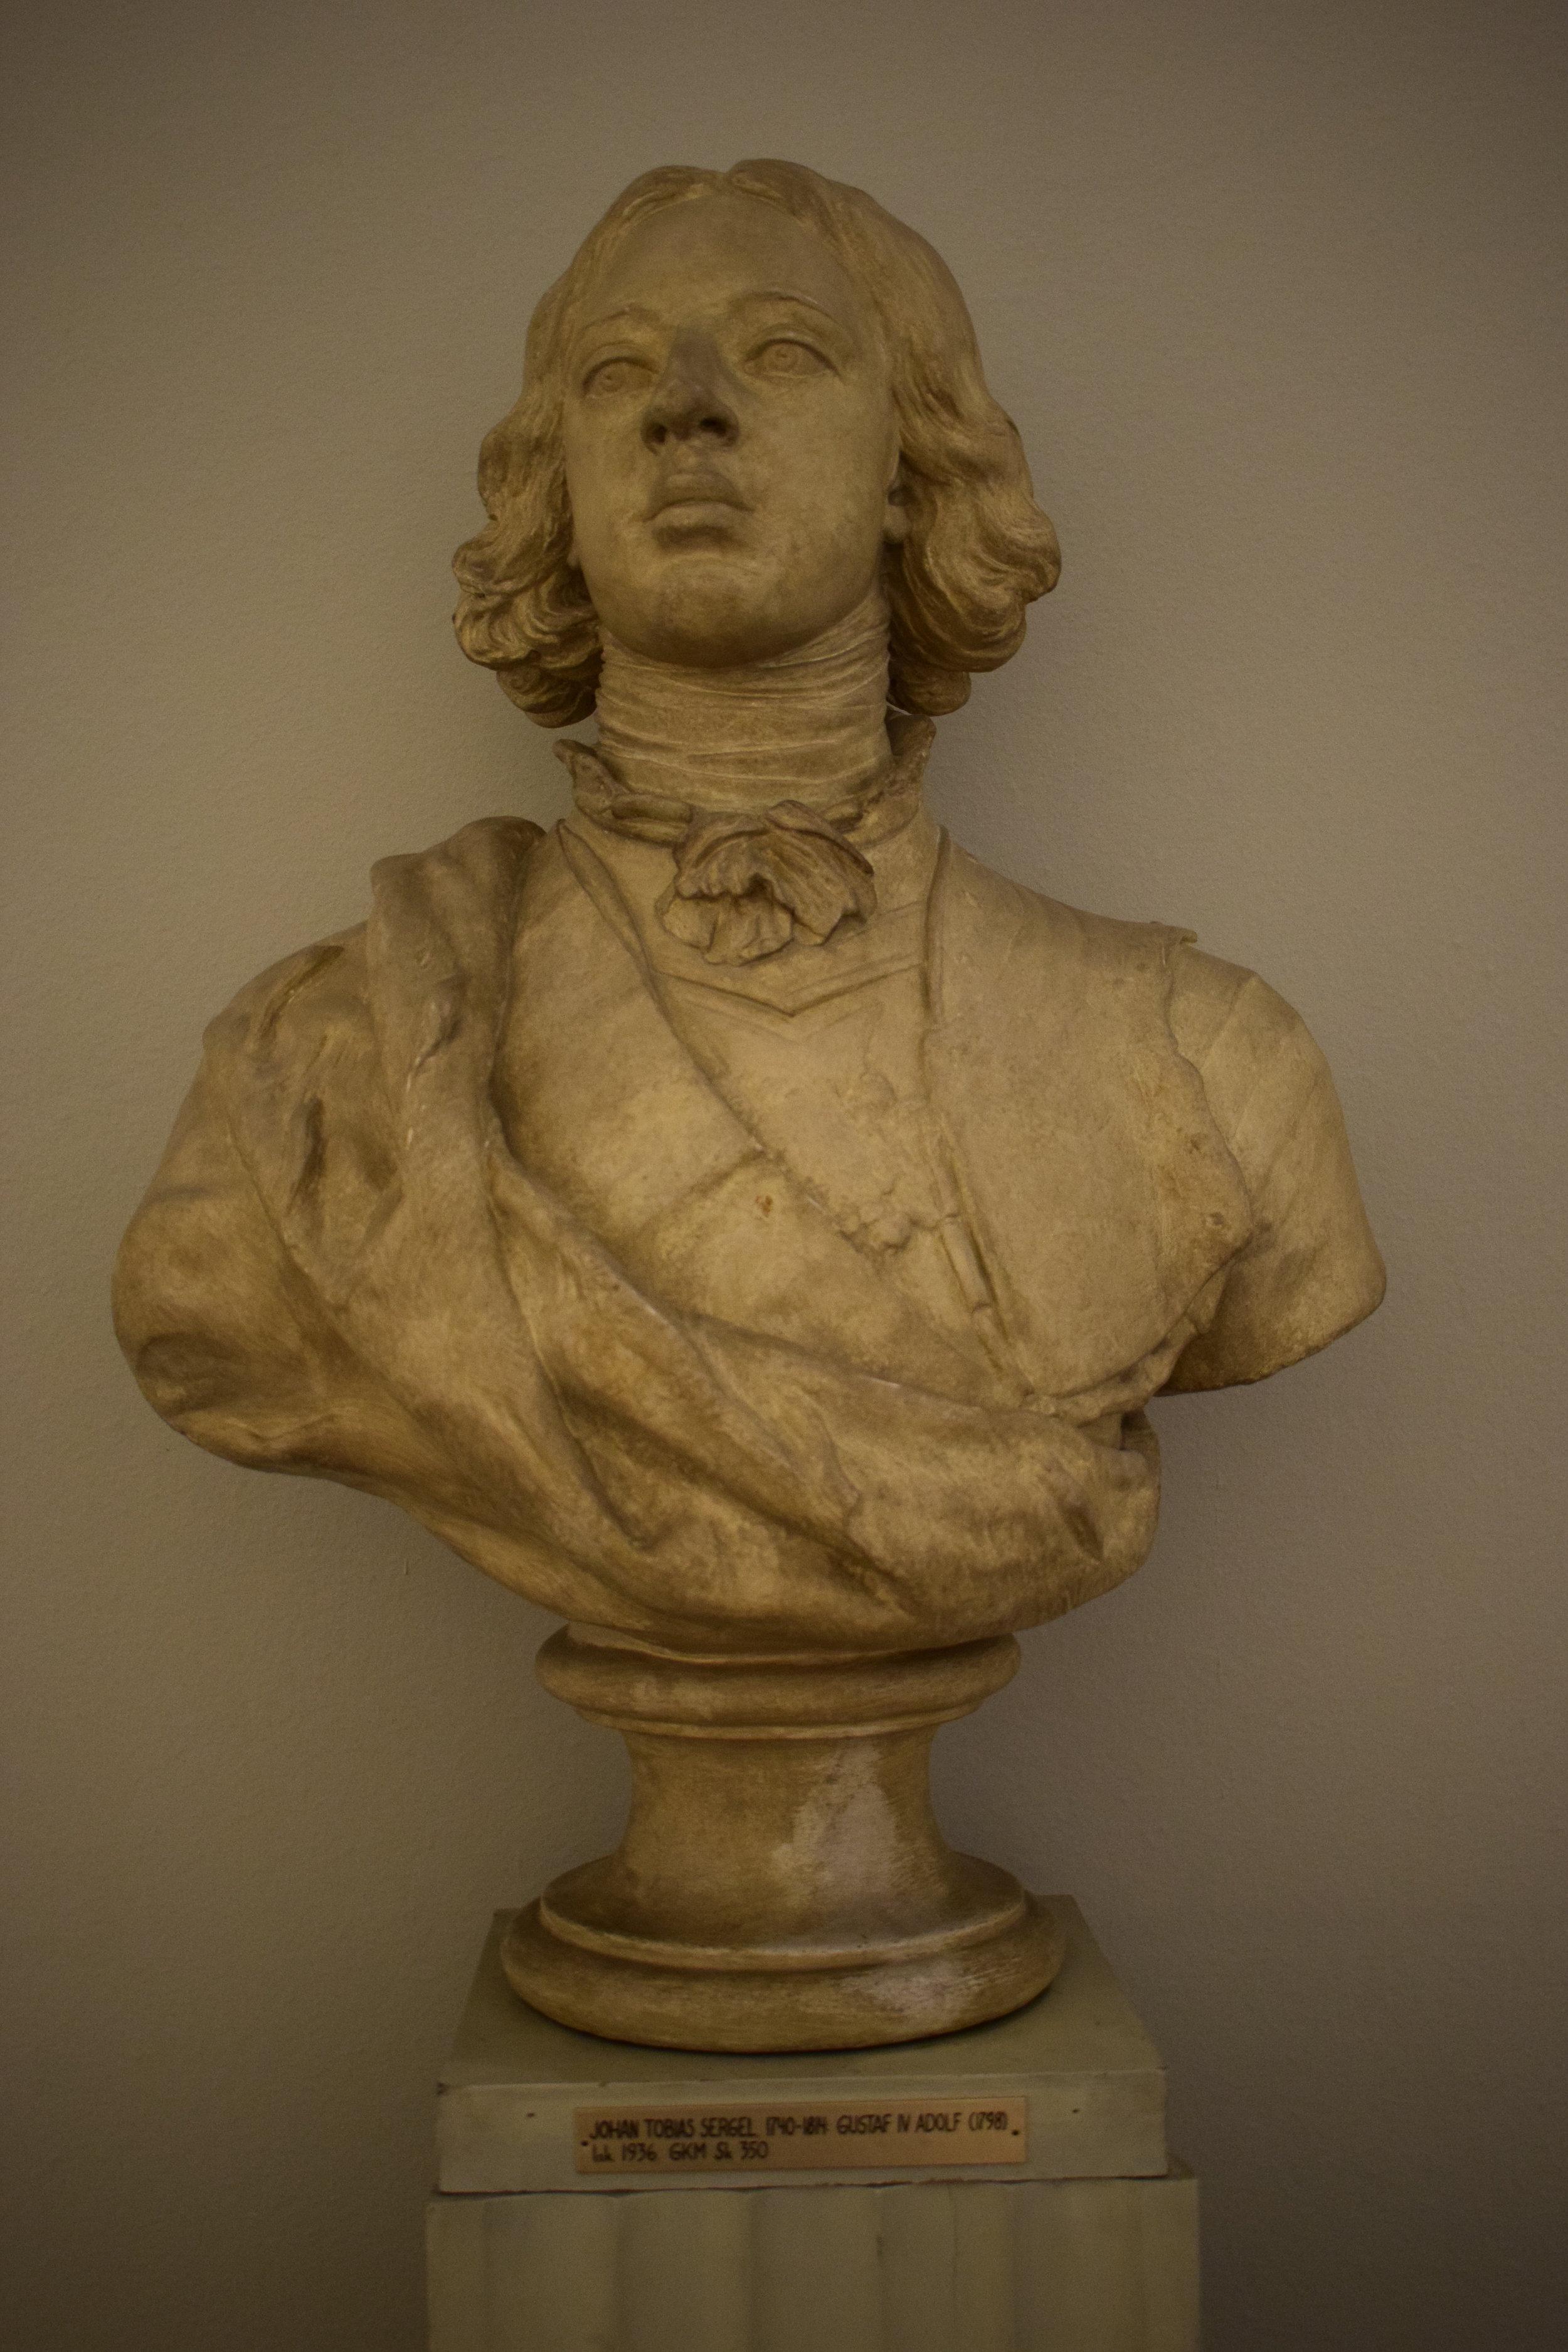 Johan Tobias Sergel, Gustaf IV Adolf, 1798